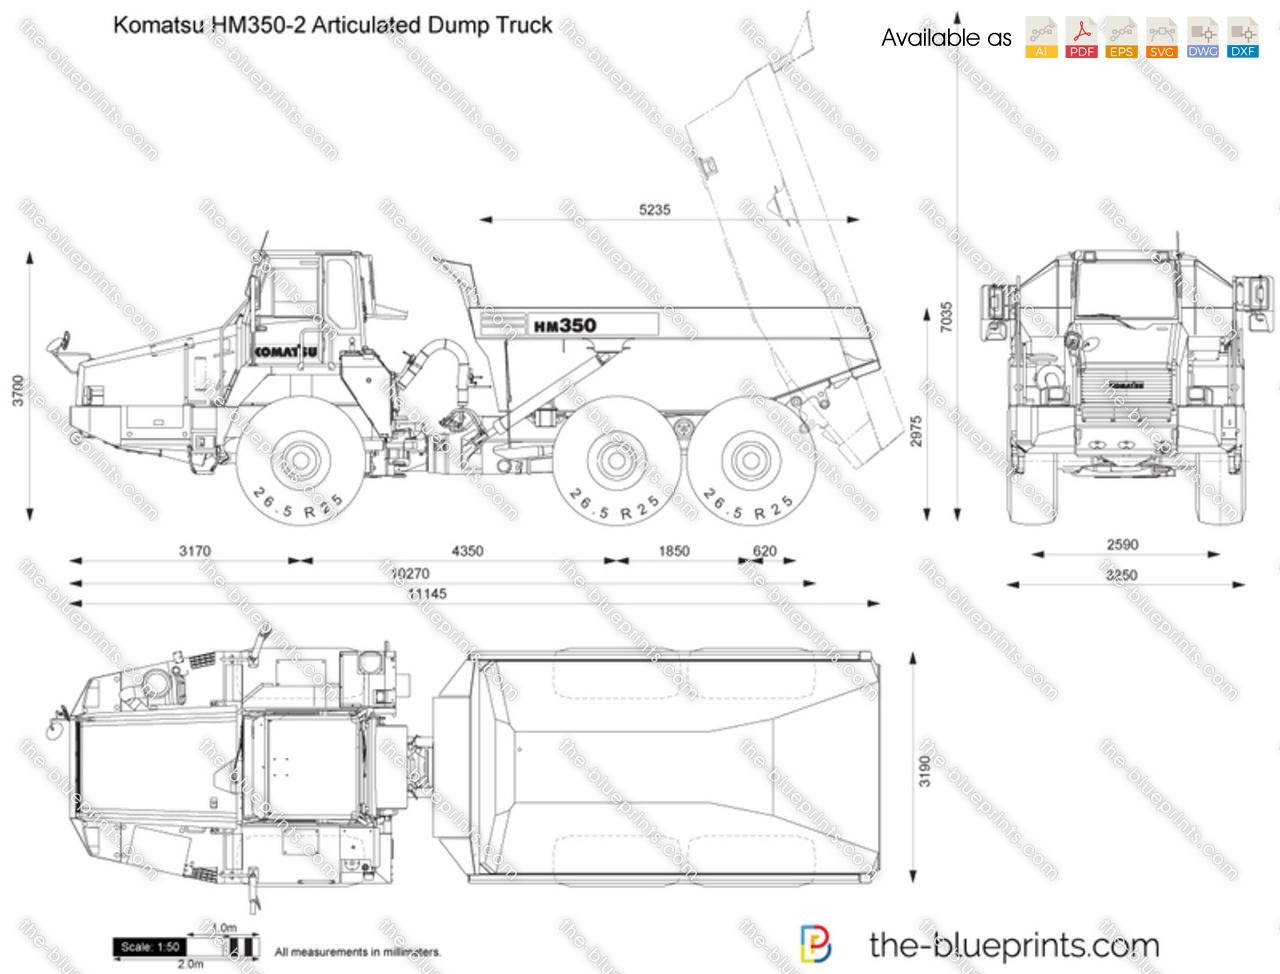 Komatsu HM350-2 Articulated Dump Truck vector drawing